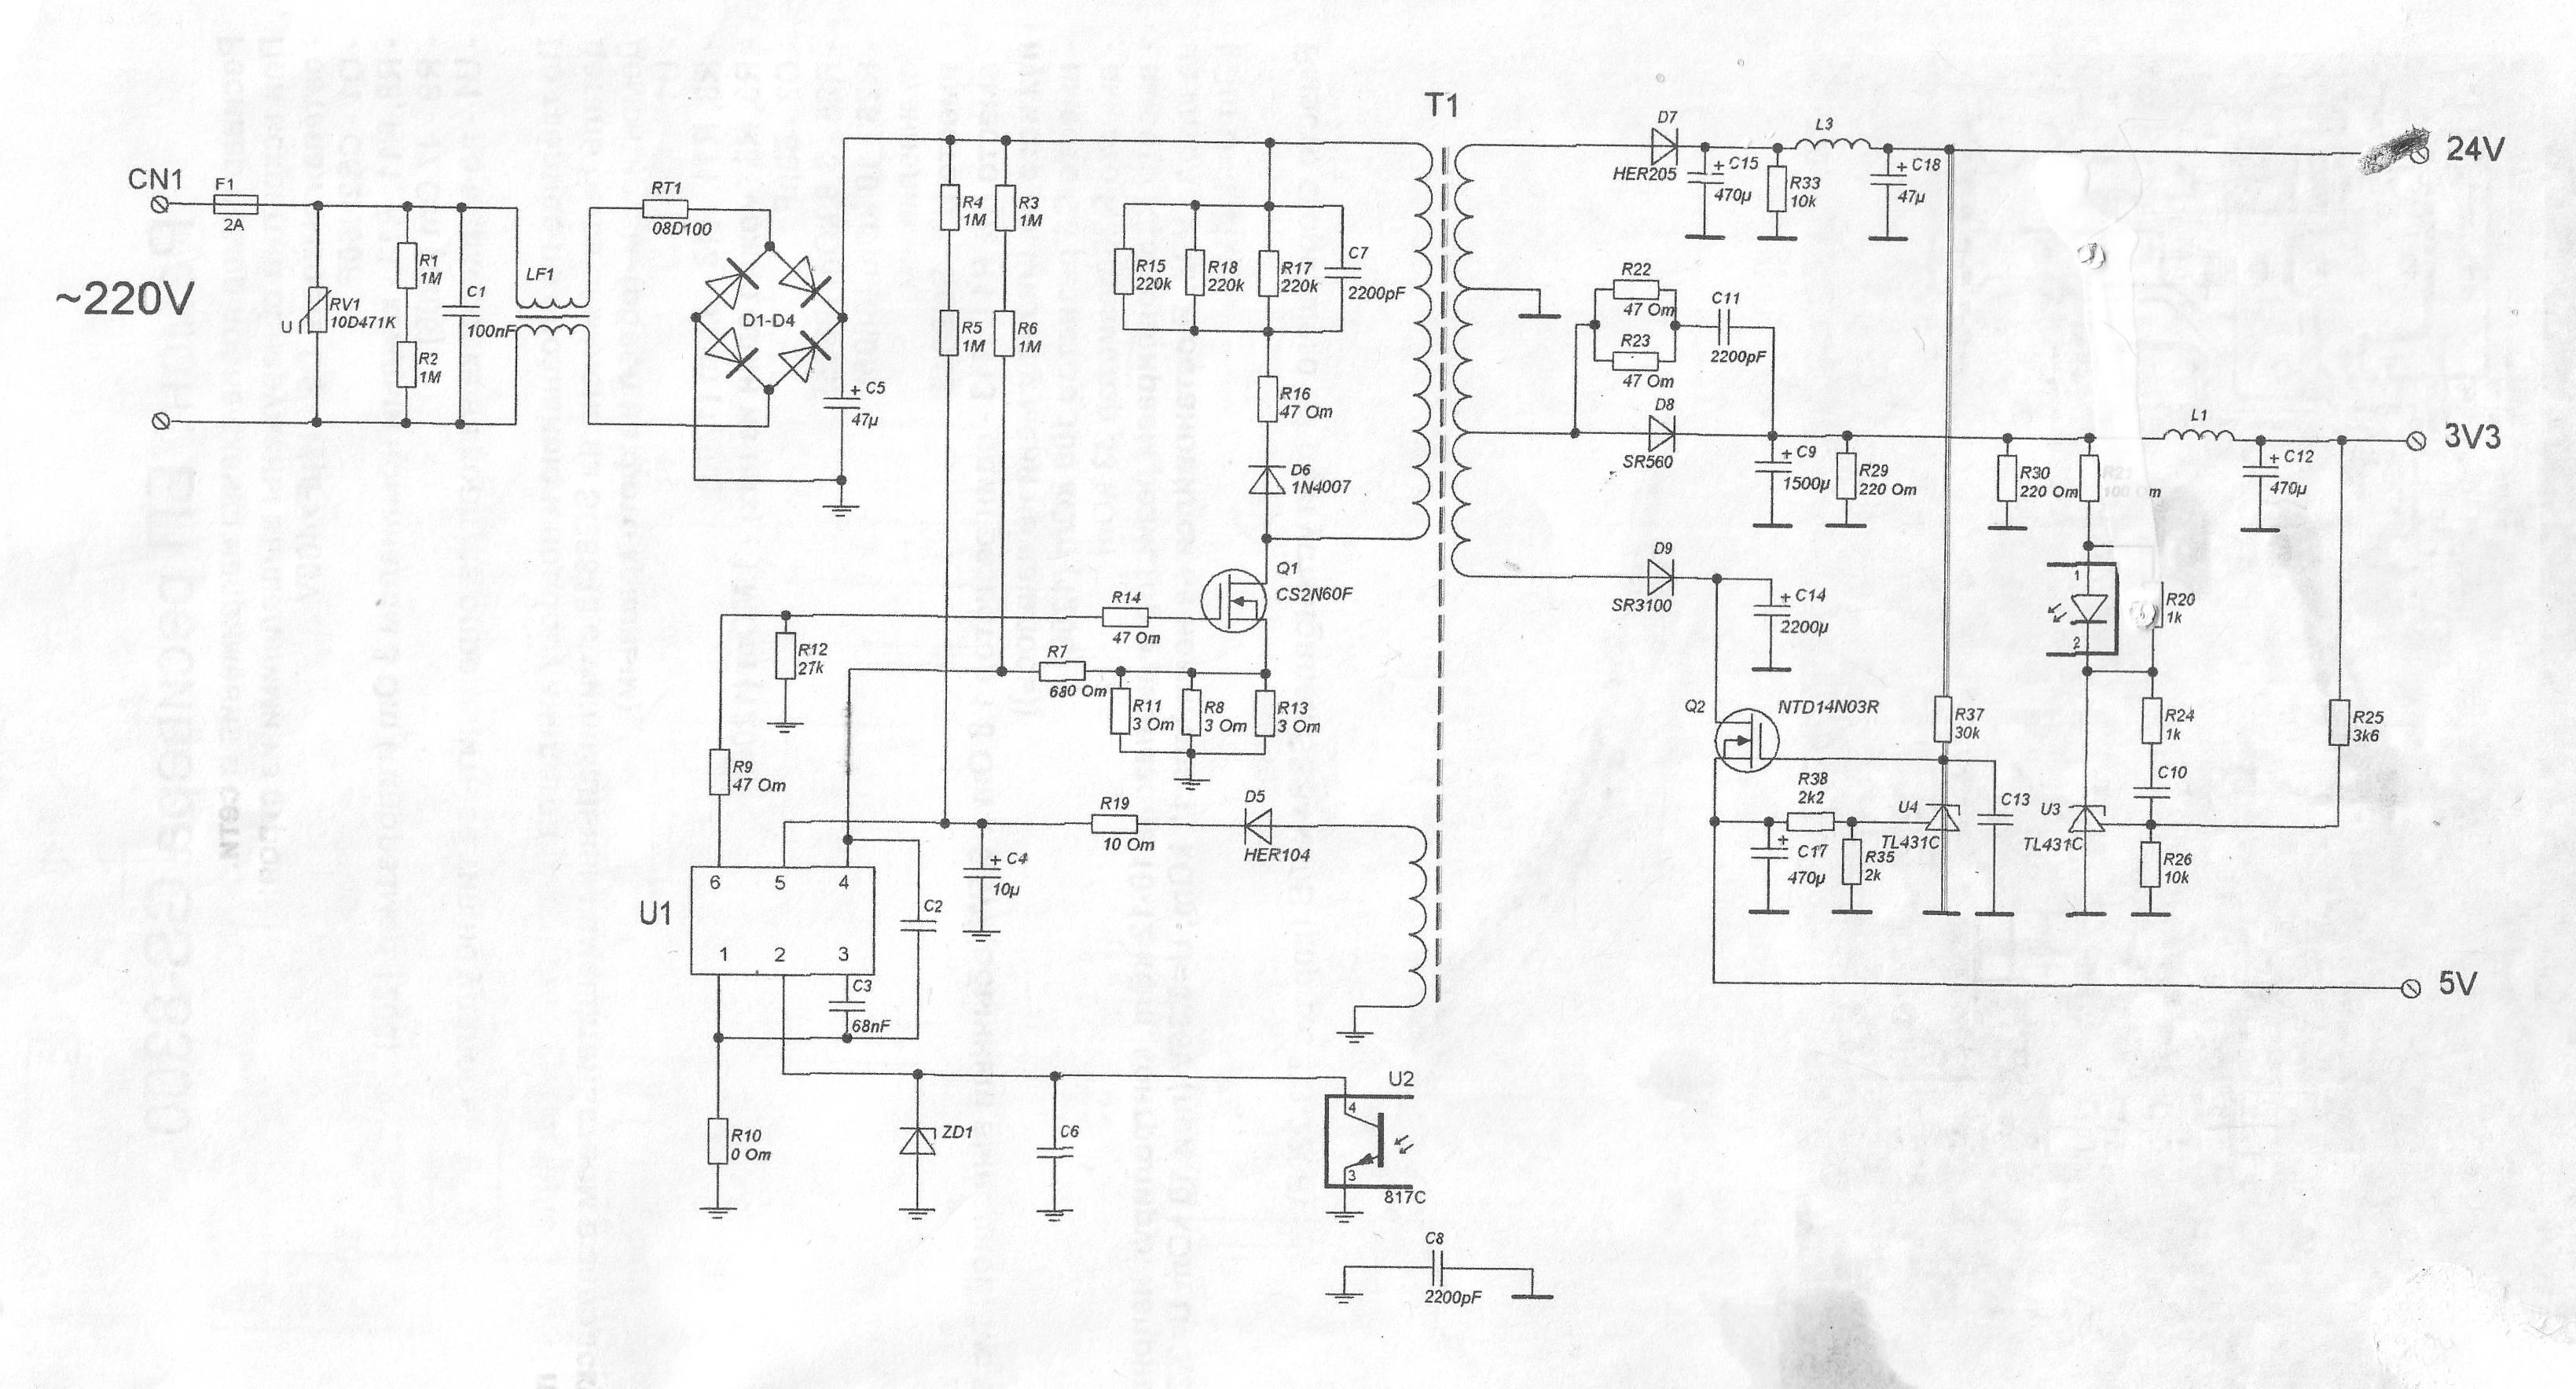 схема подключения двух телевизоров ресиверу 8306